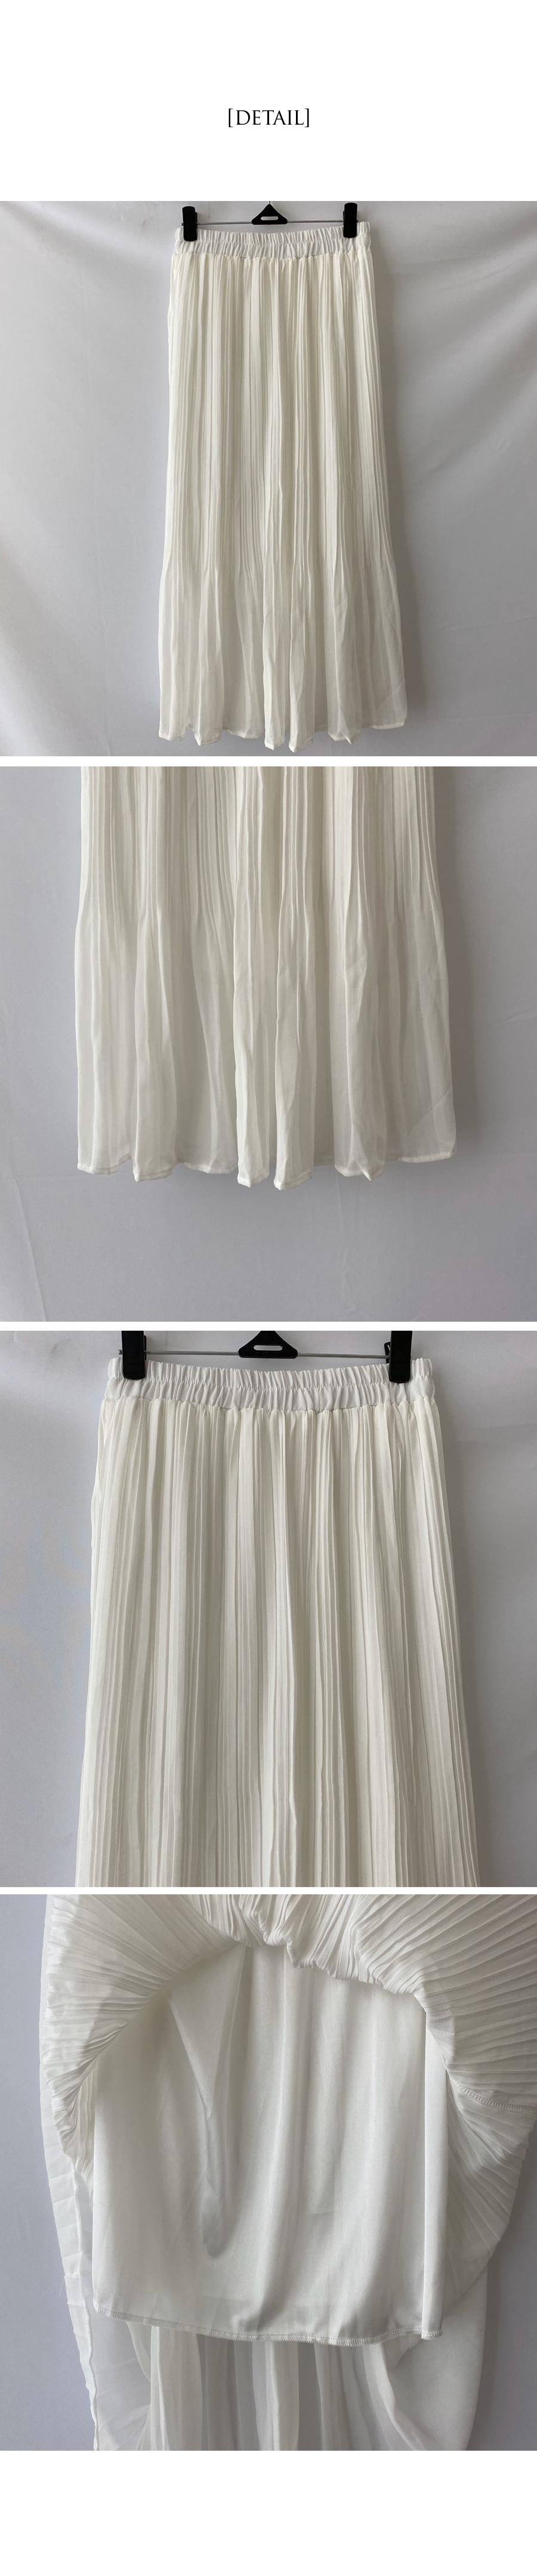 Sandal chiffon pleated skirt